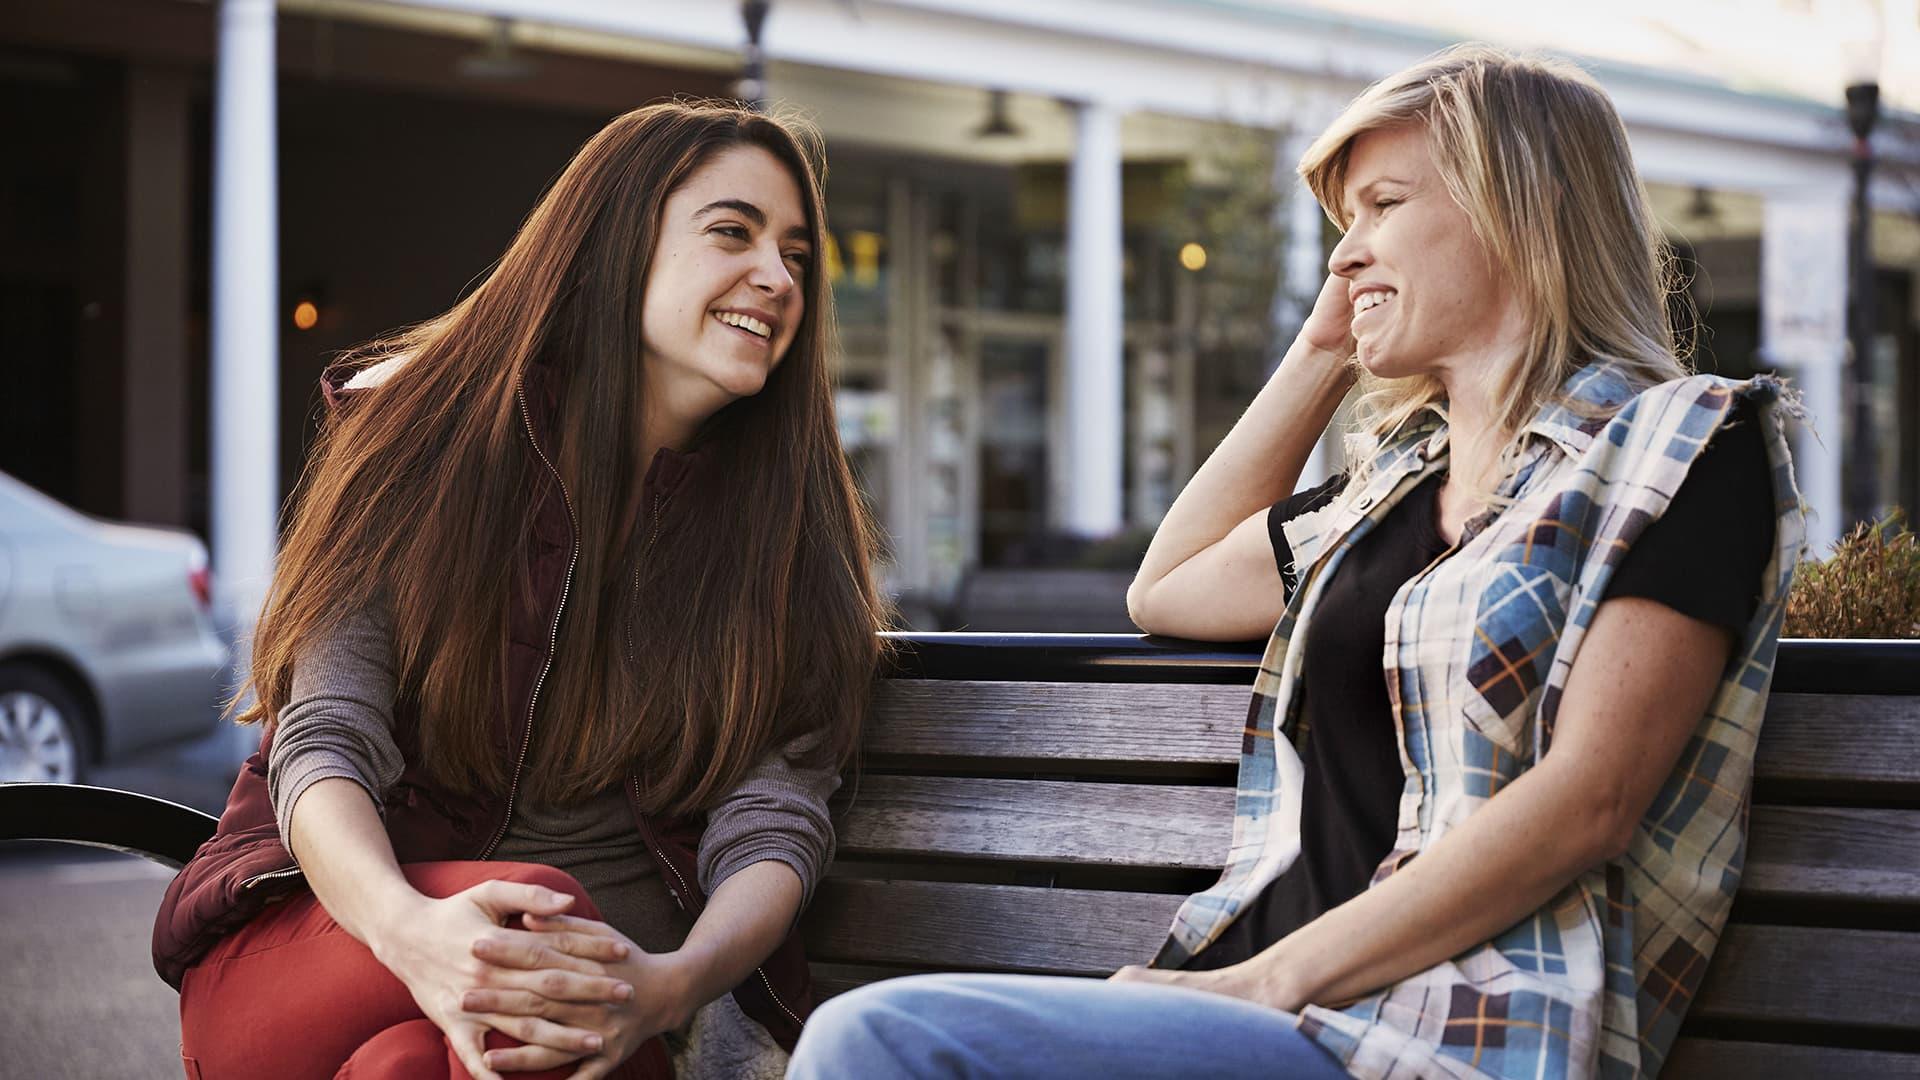 Kaksi naista istuvat penkillä ja keskustelevat toistensa kanssa.